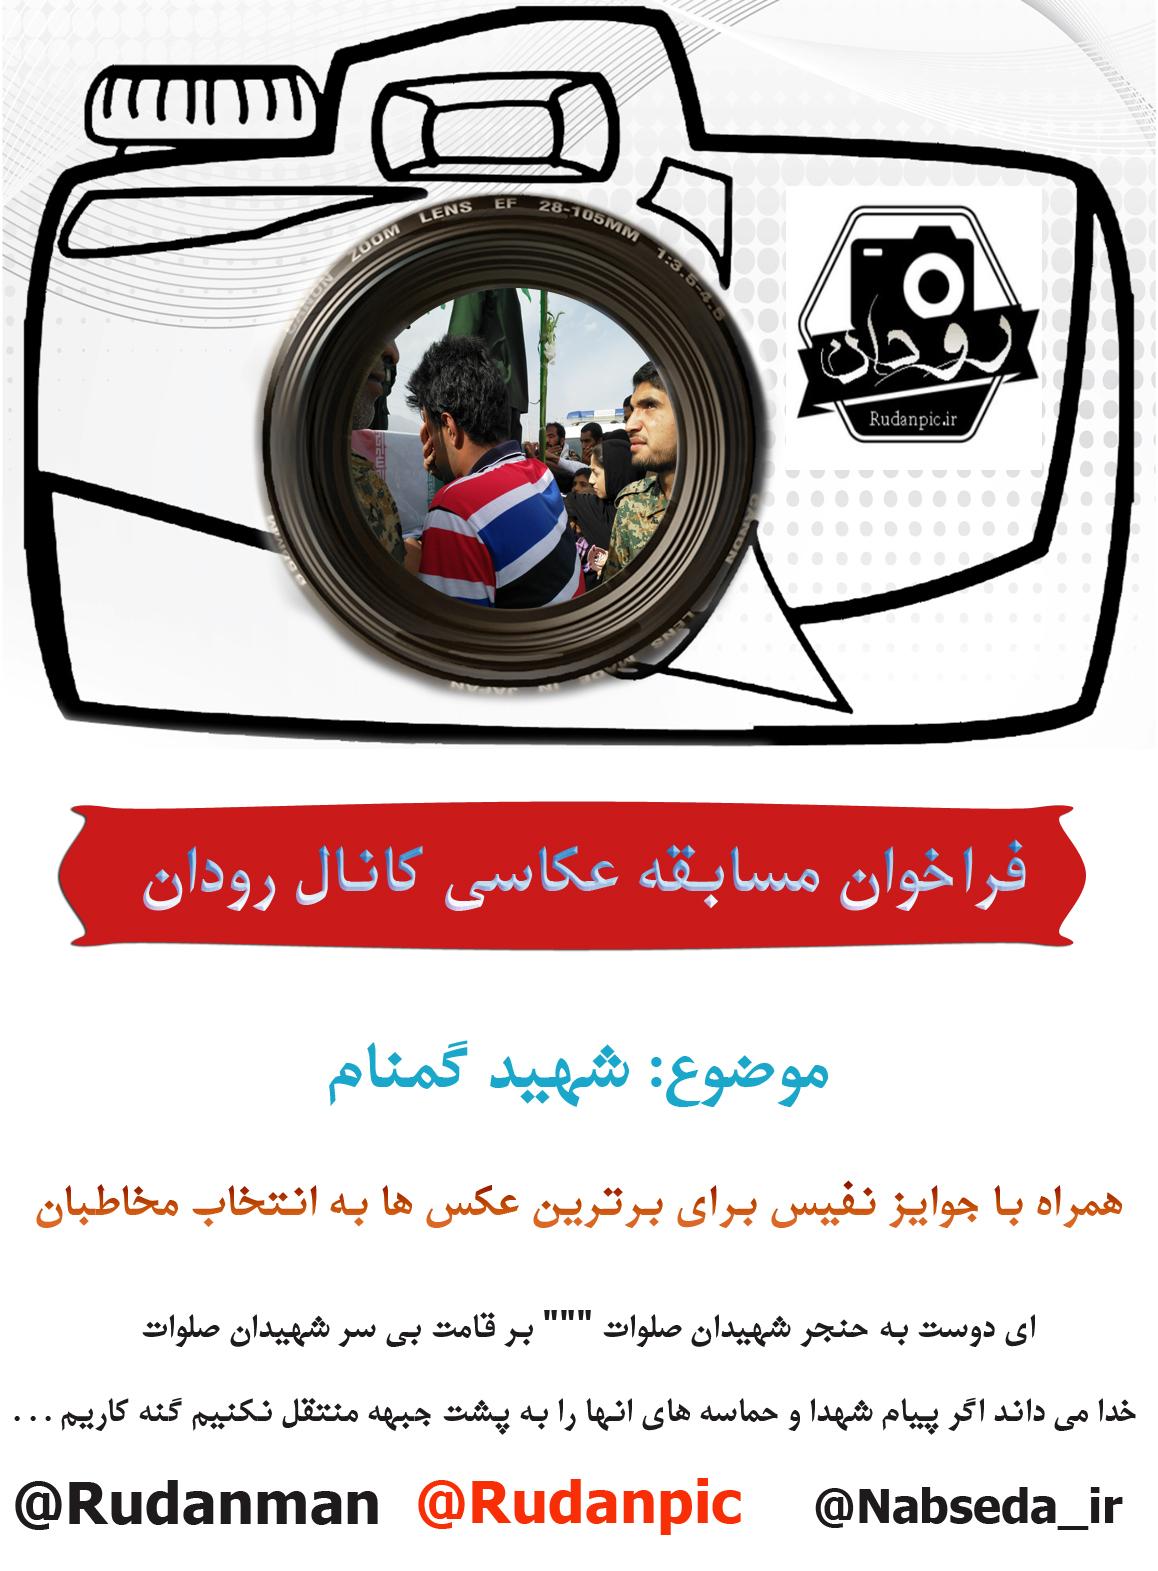 فراخوان مسابقه بزرگ عکاسی کانال رودان با موضوع شهید گمنام